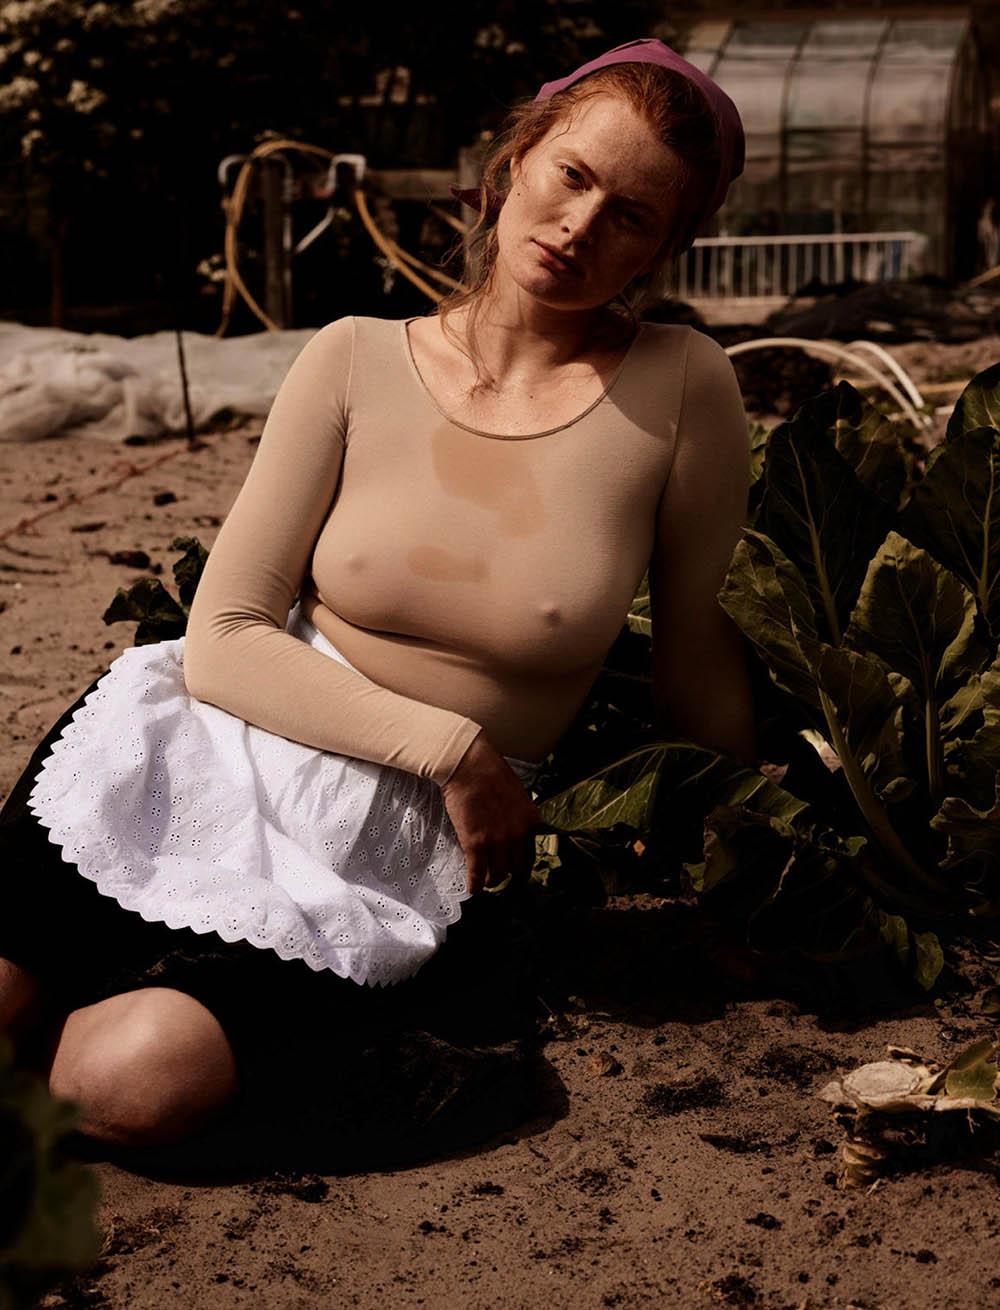 Marte-Boneschansker-by-Paul-Bellaart-for-Vogue-Netherlands-July-August-2019-1.jpg